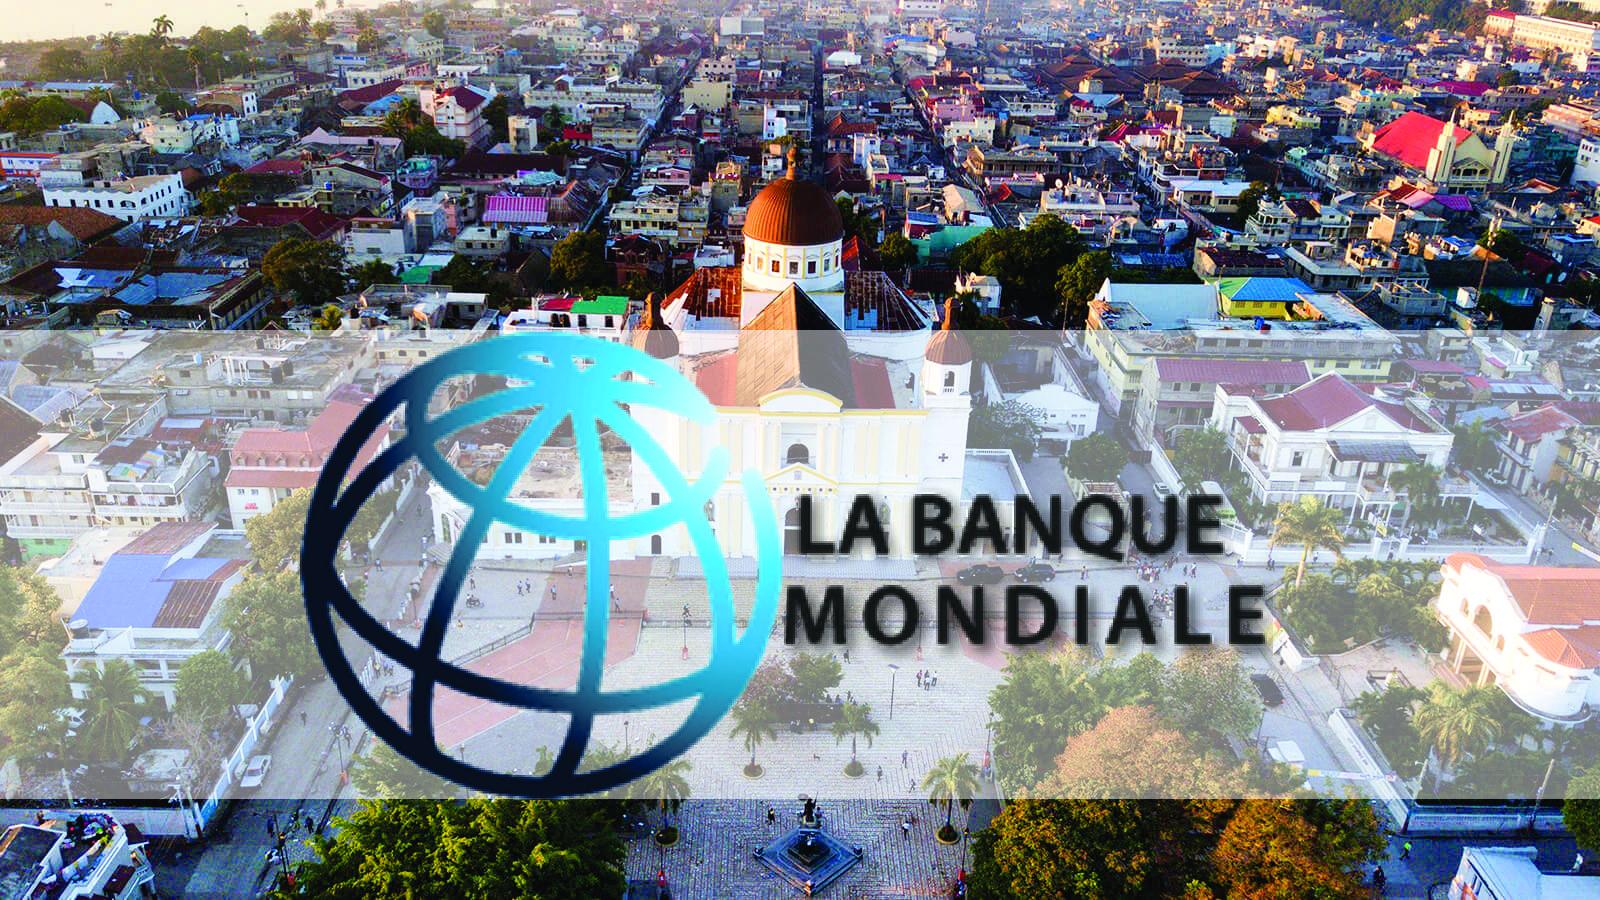 Banque mondiale: 56 millions de dollars pour améliorer les infrastructures du Cap-Haïtien